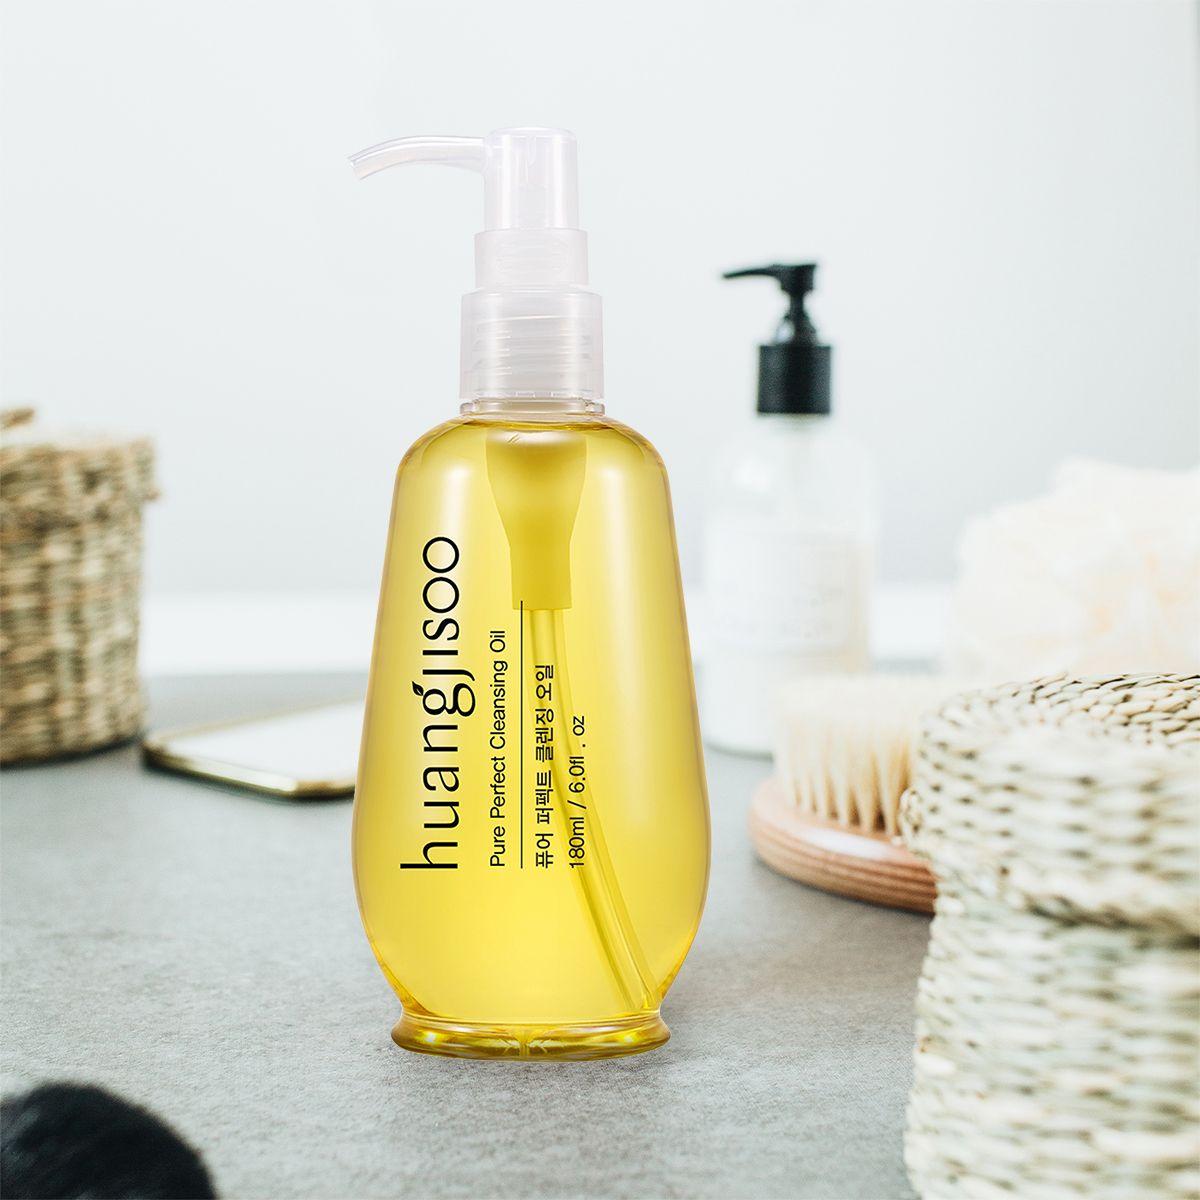 Lux PLUS Subscription Cleansing oil, Repair cream, Pure